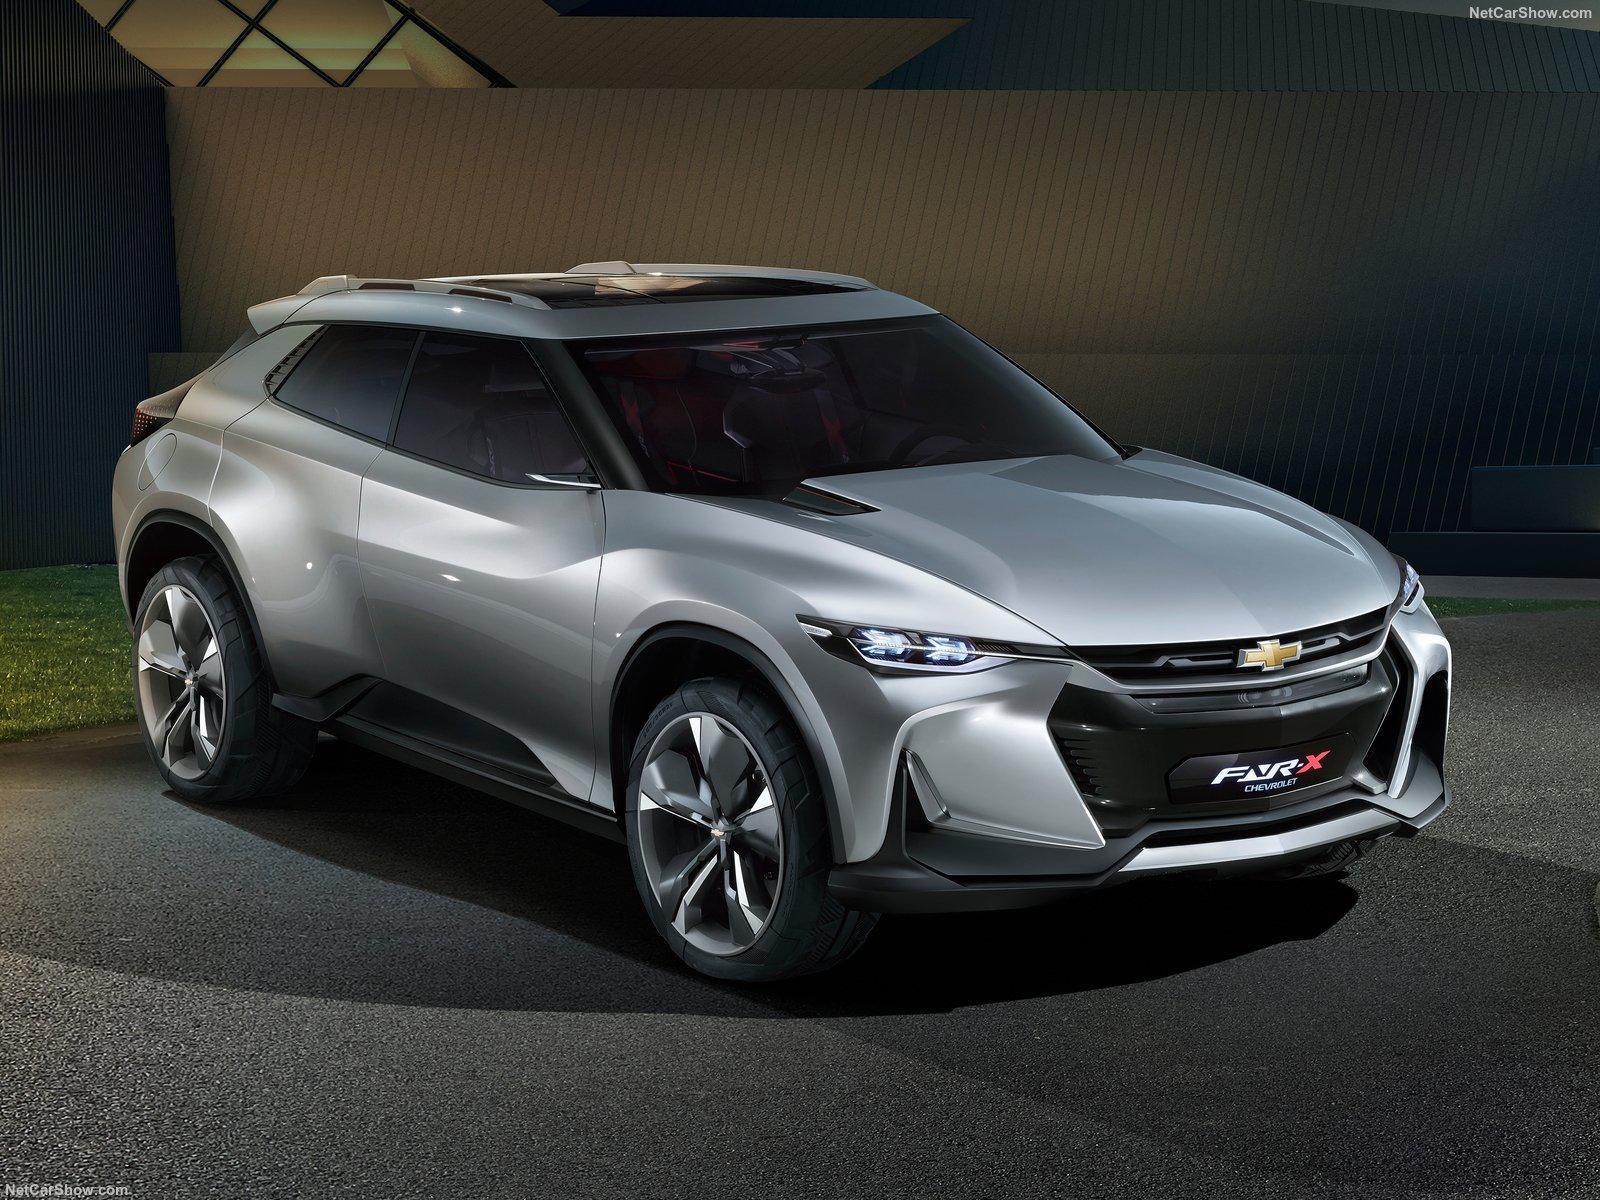 沃兰多在设计方面借用了2017年亮相的概念车FNR-X的设计灵感